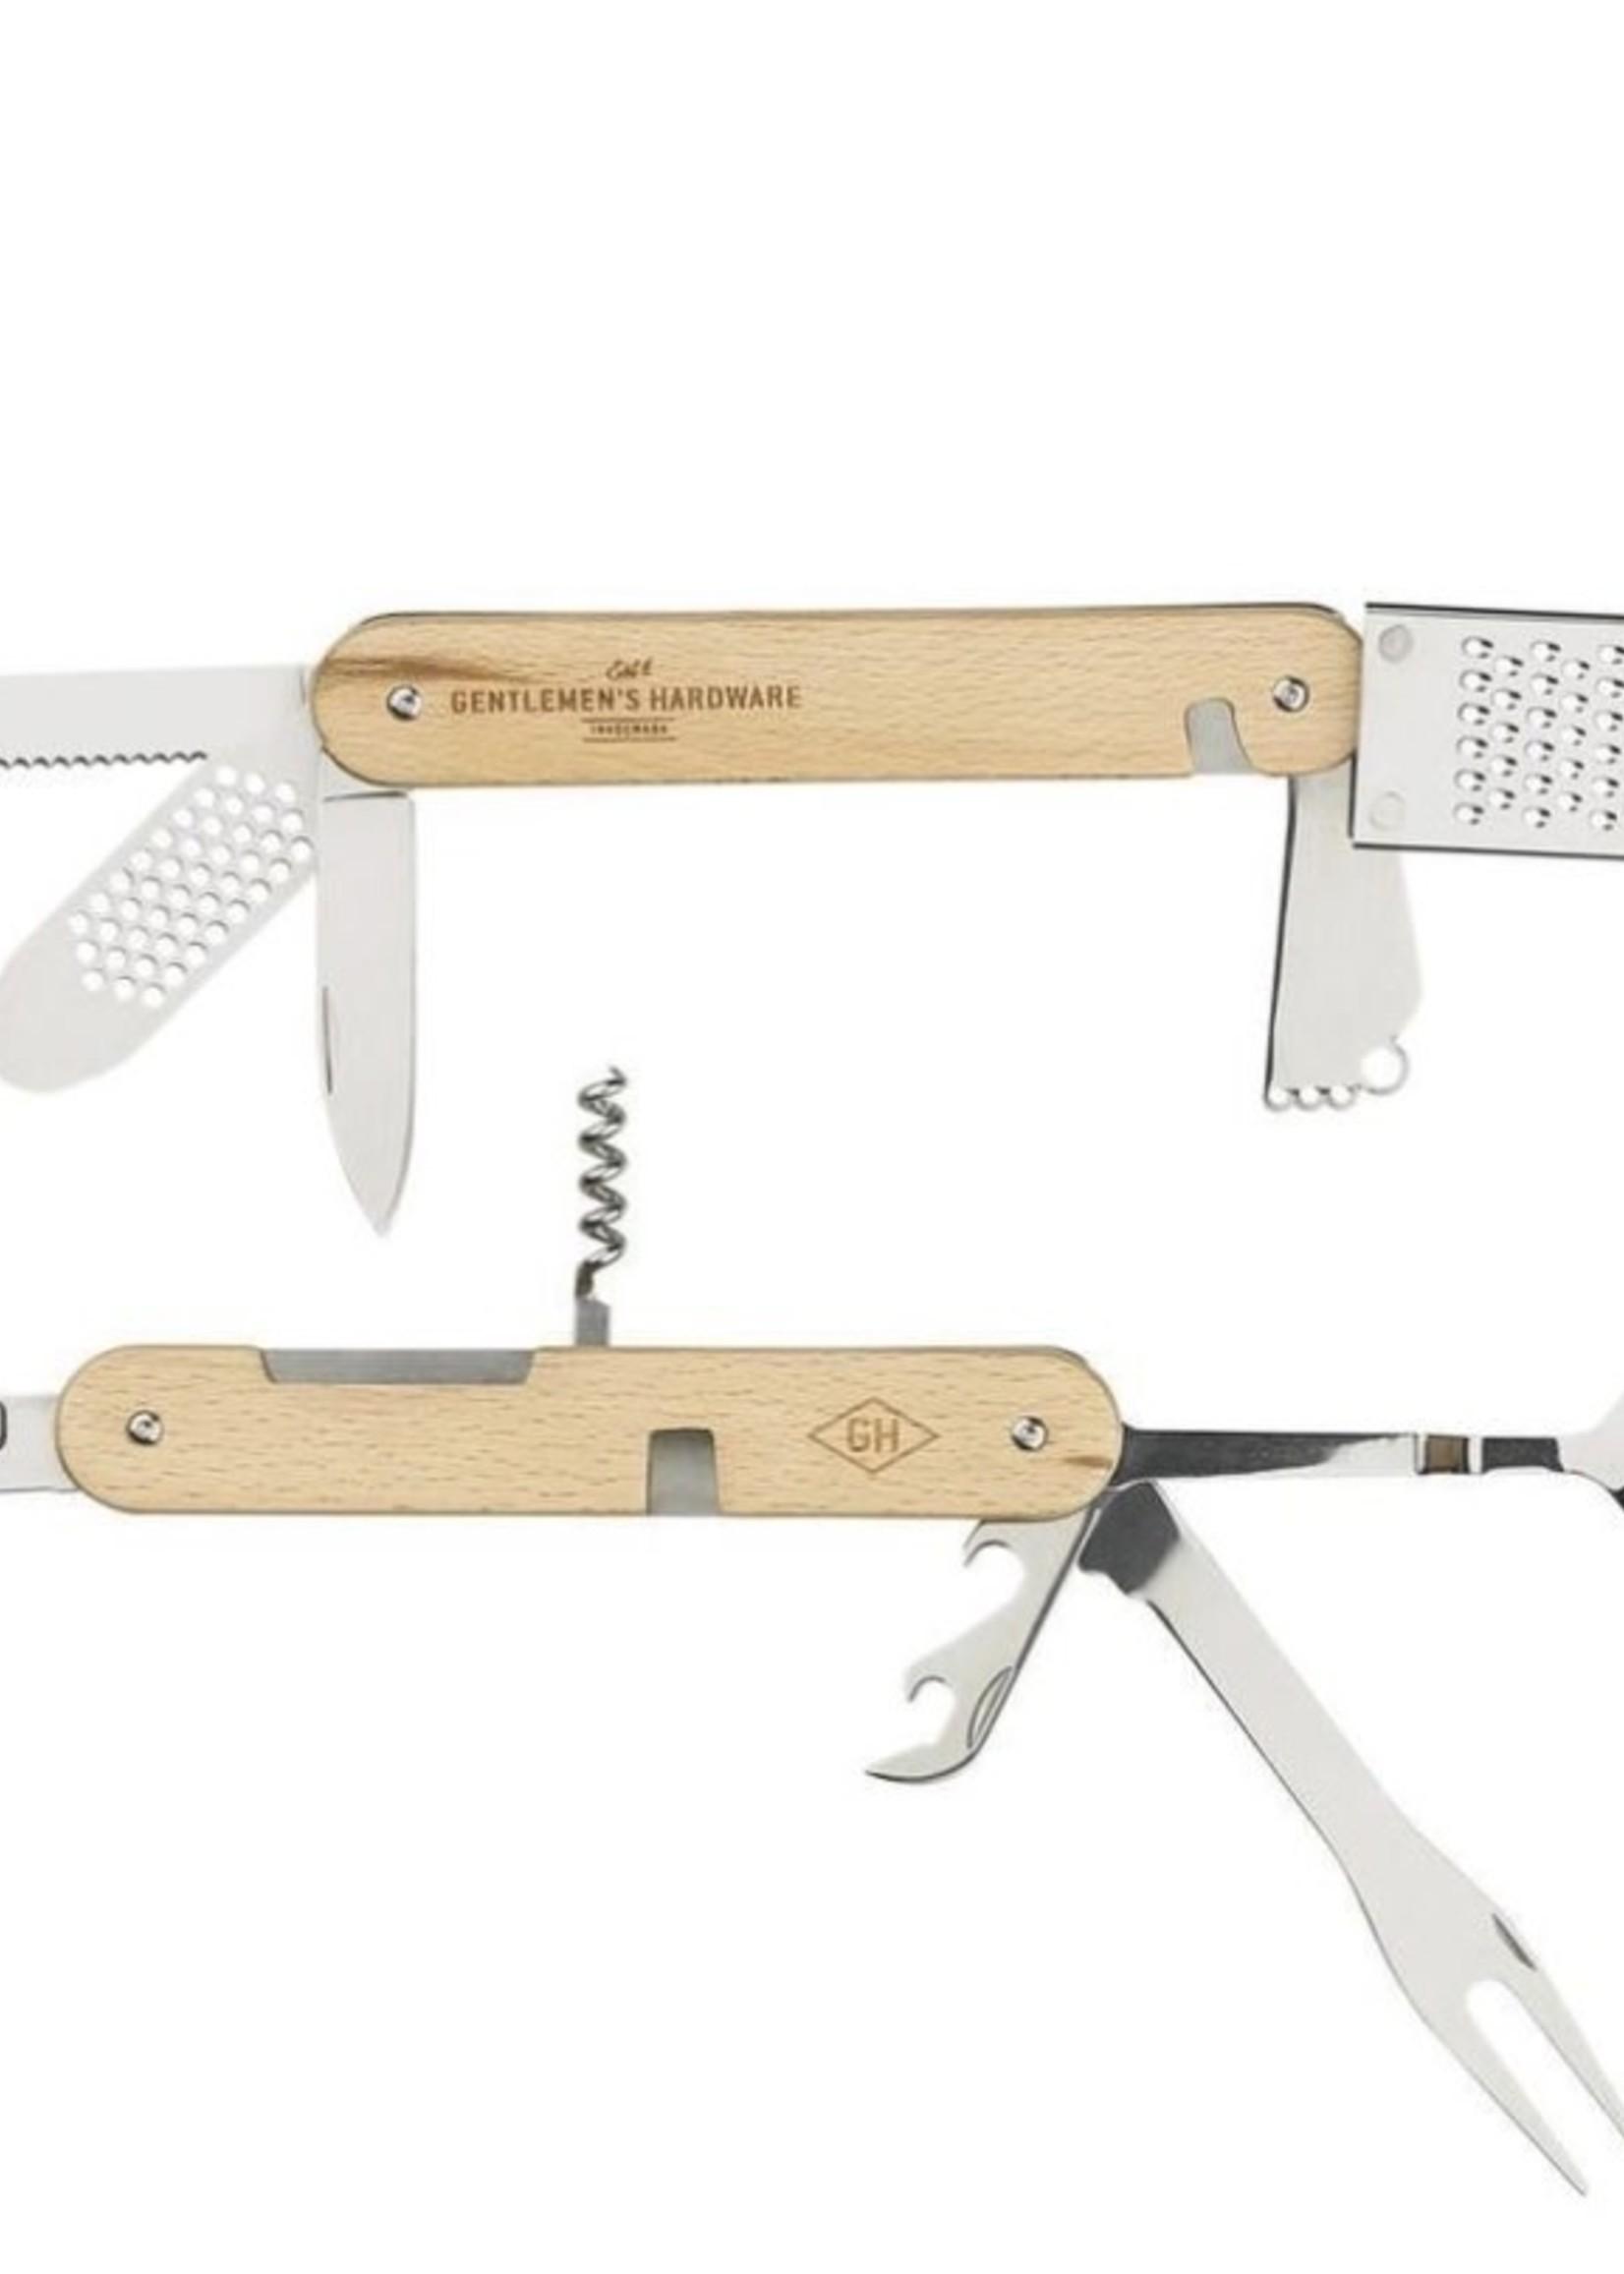 Gentleman's Hardware Gentleman's Hardware Kitchen Multi-Tool